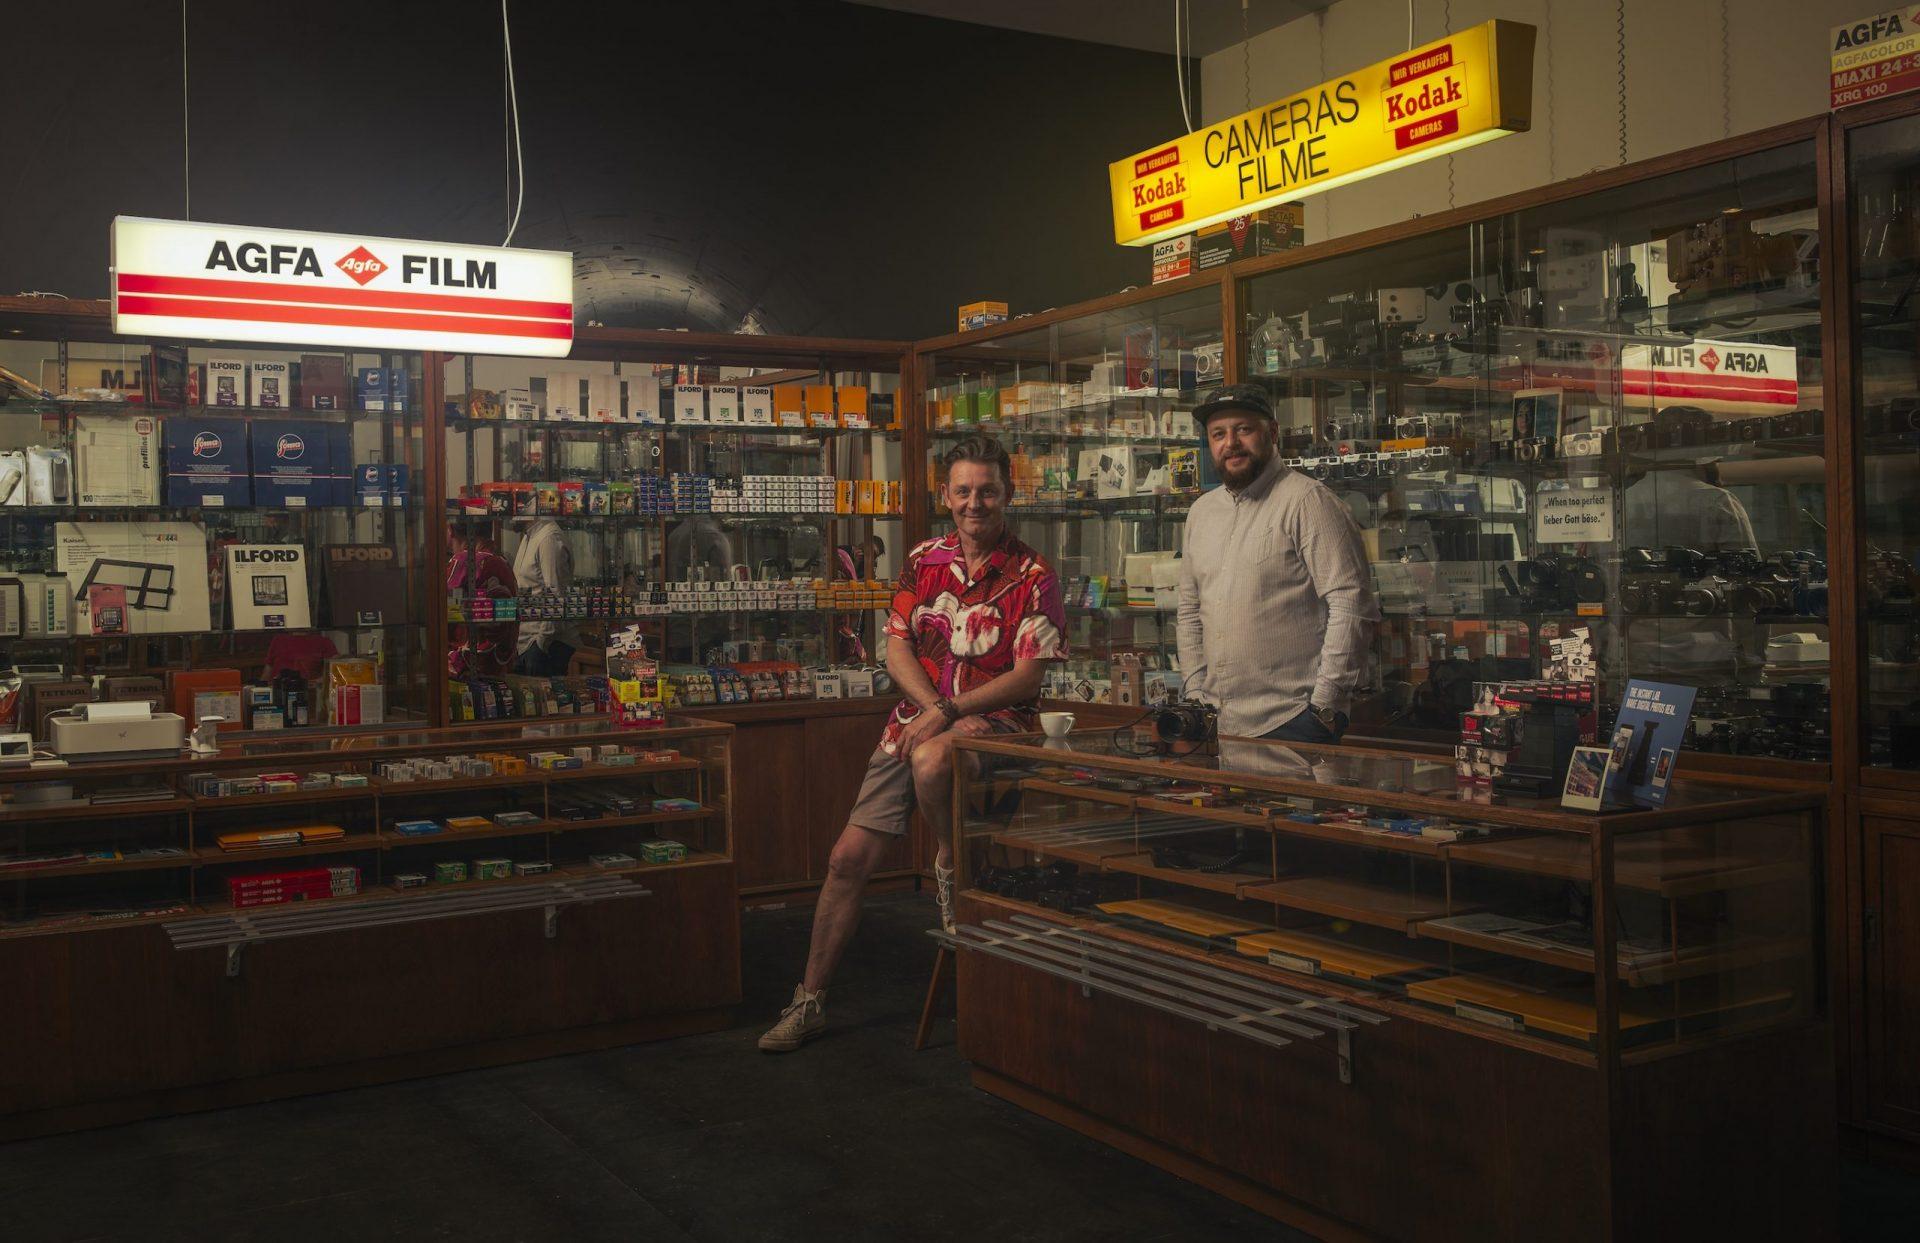 Analogfotografie Store